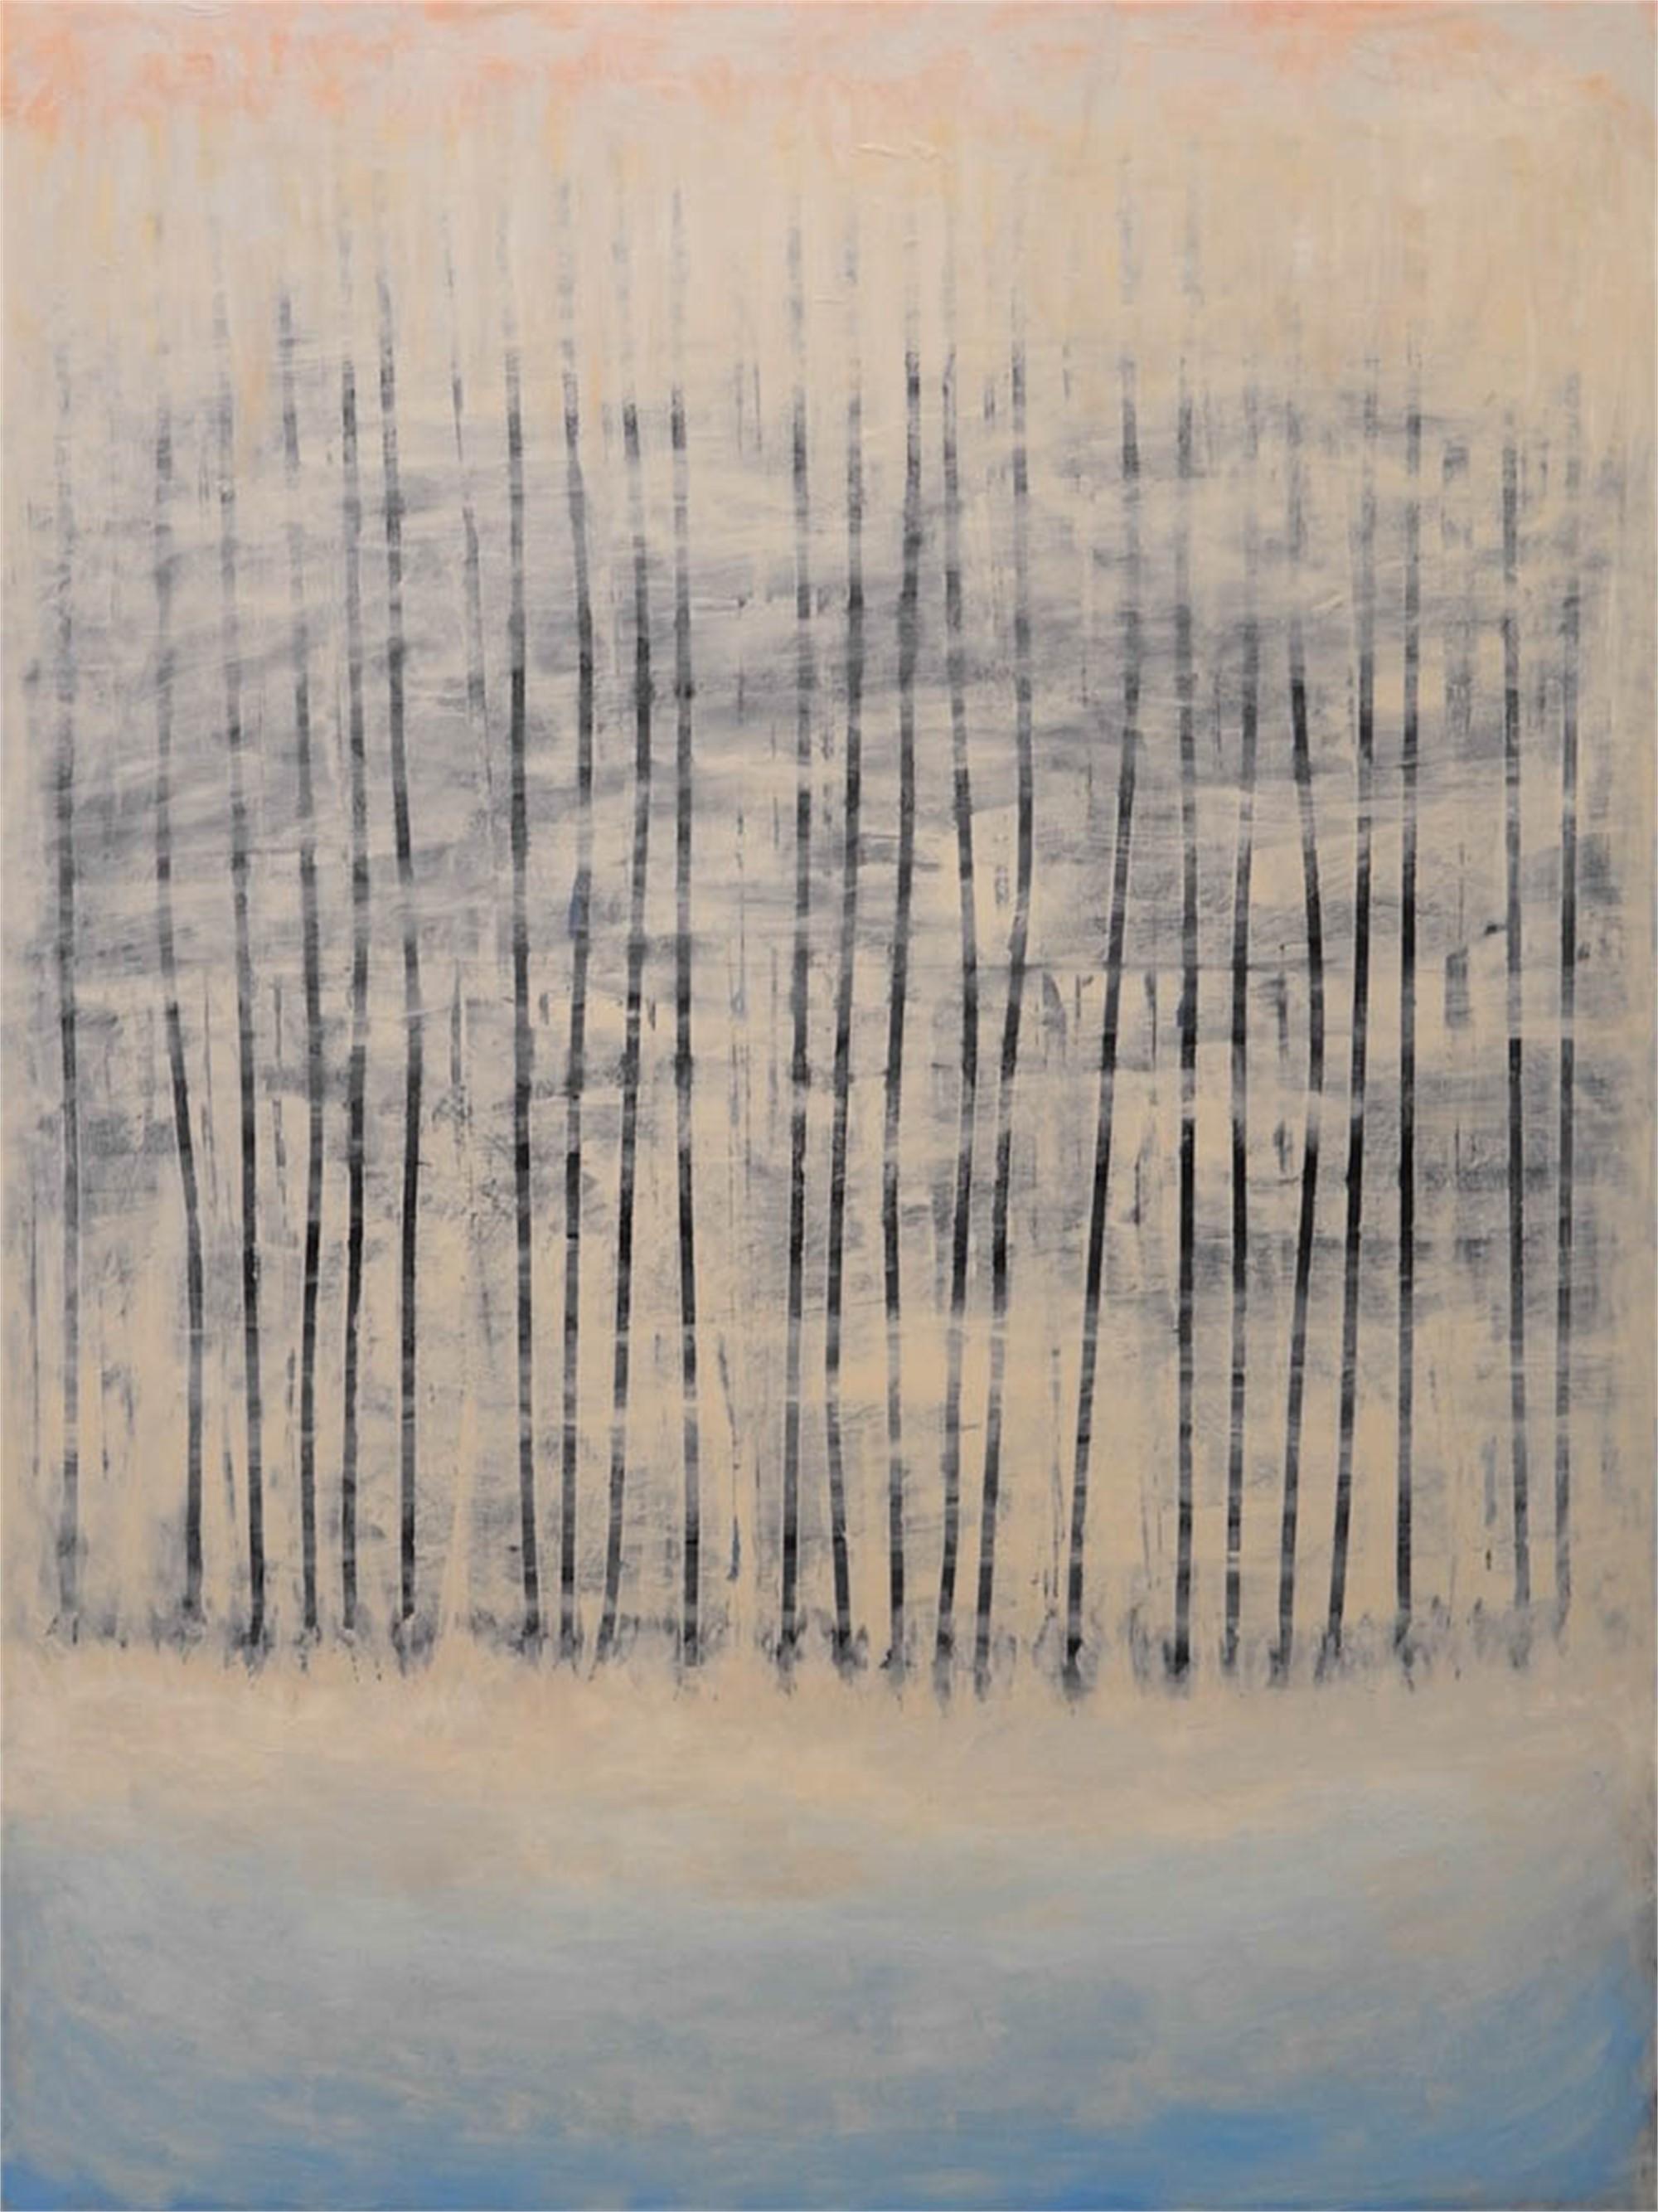 Mindscape #12 by John Townsend